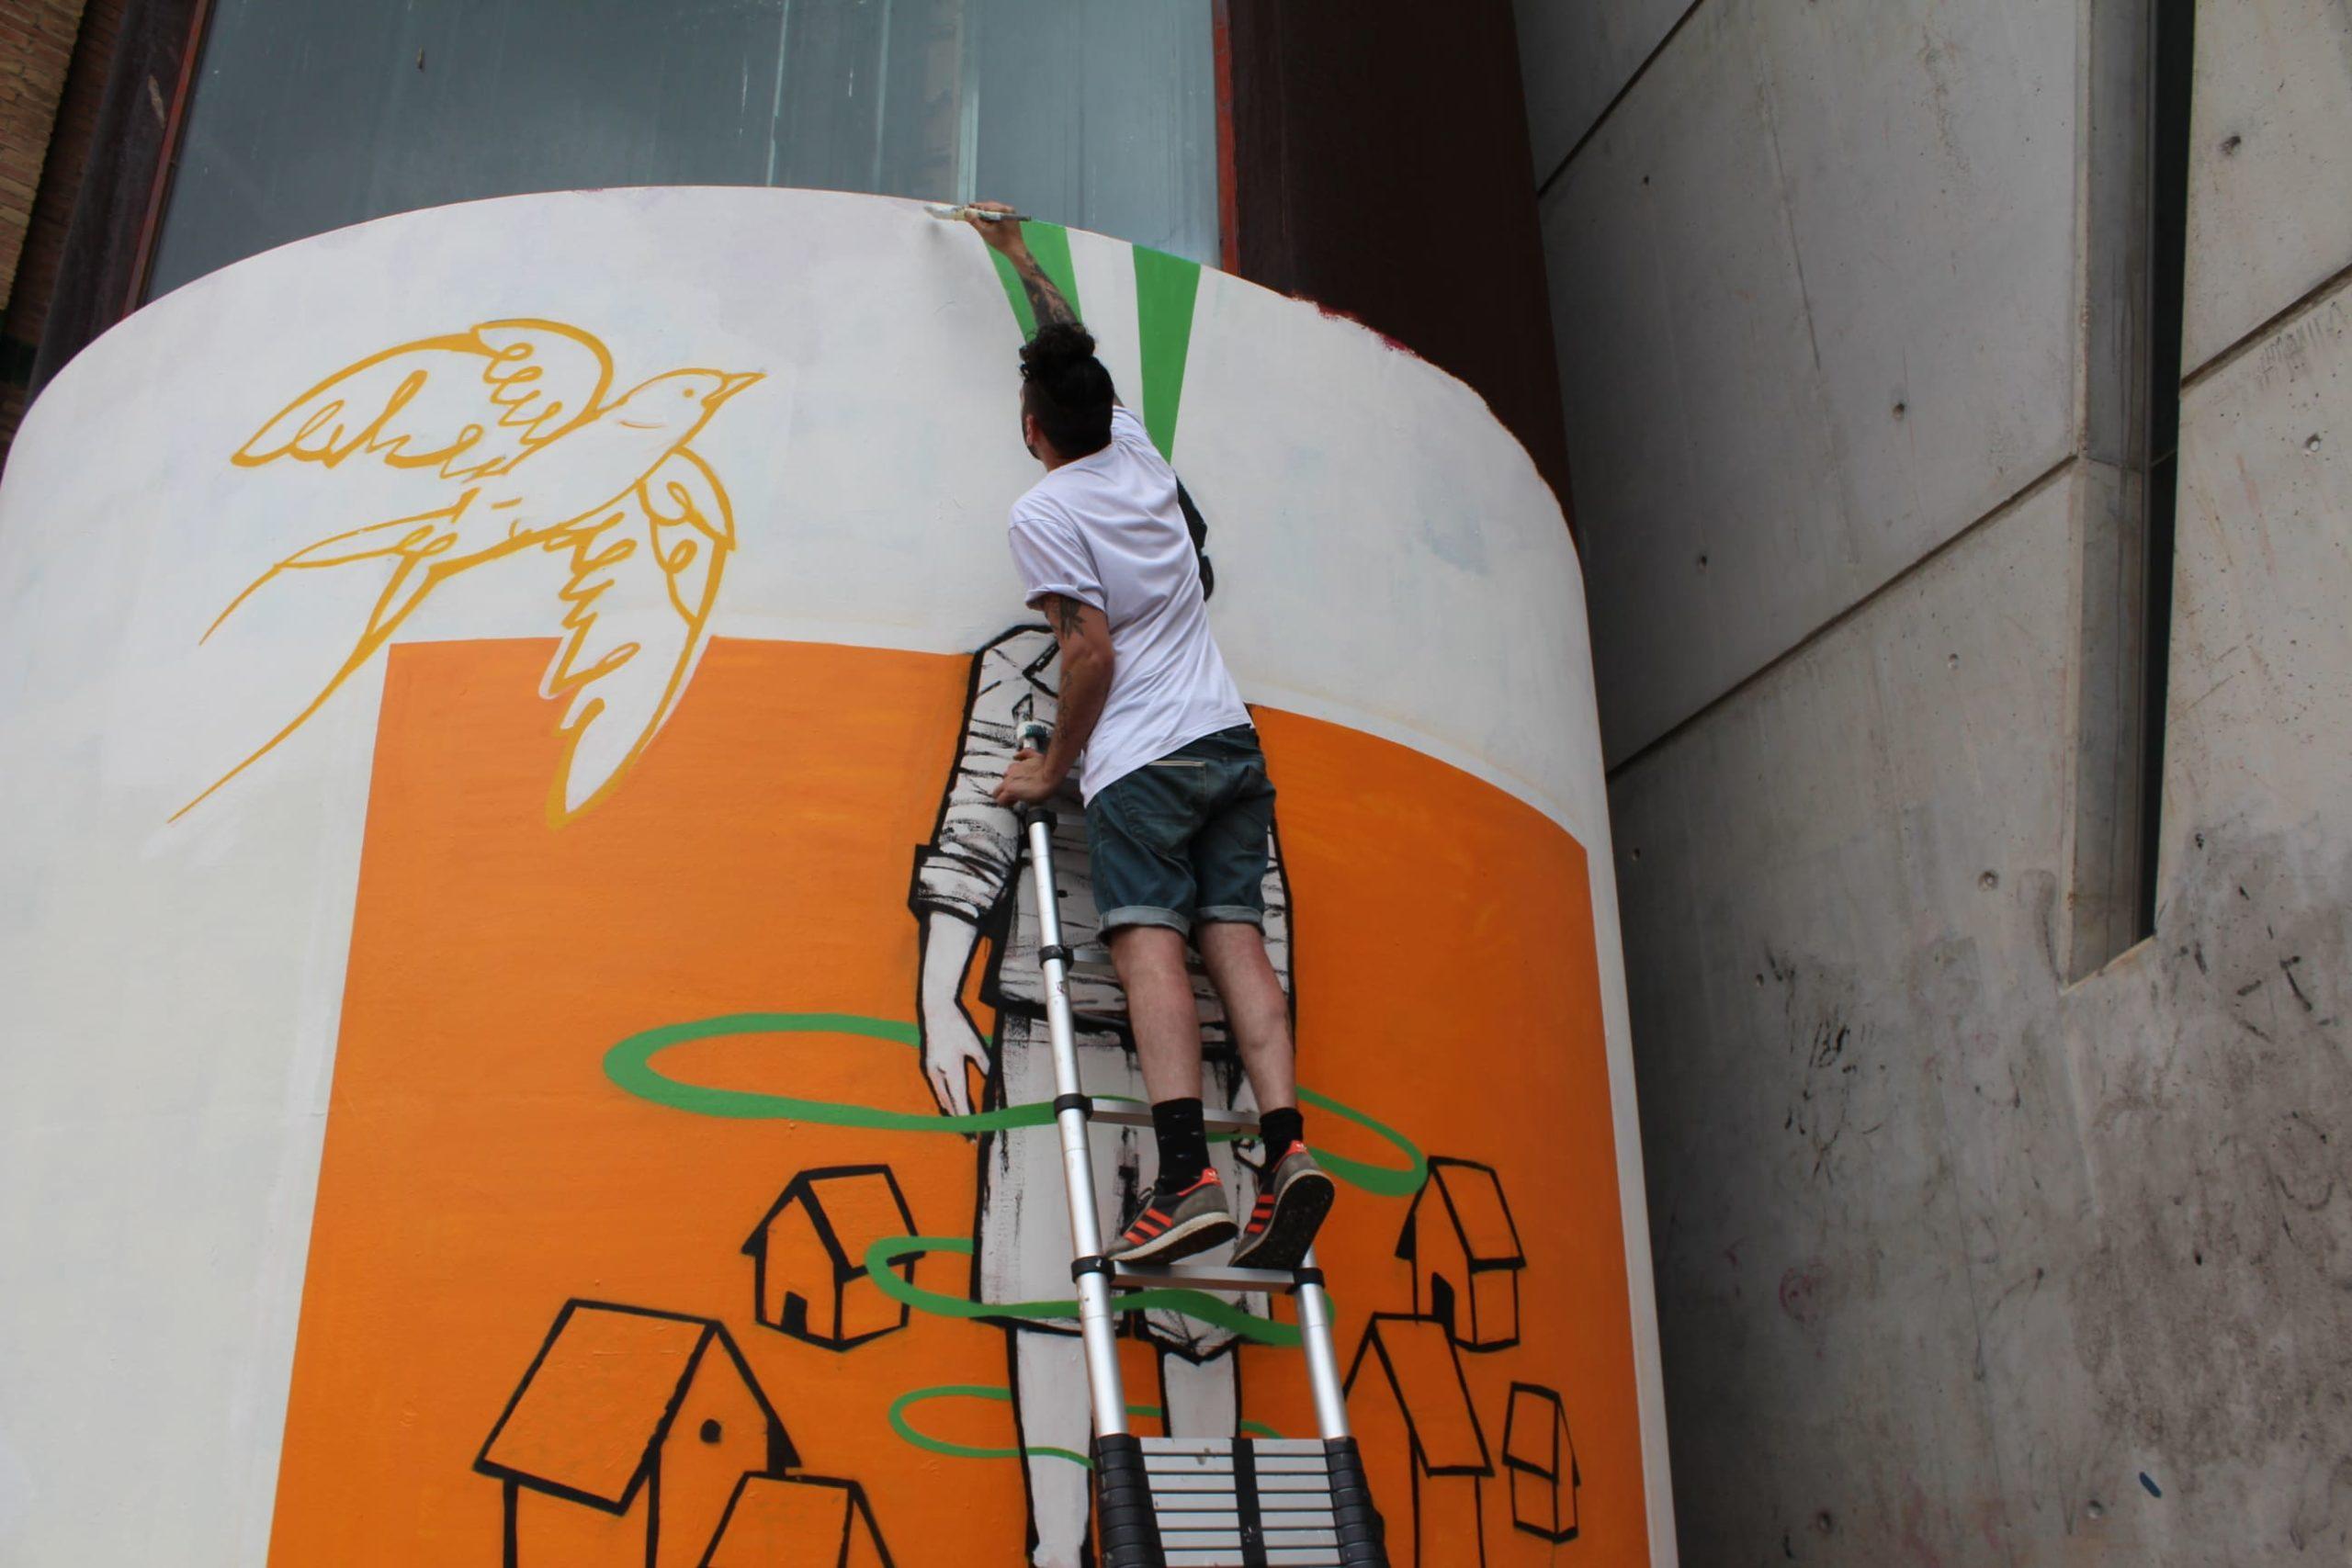 Wall Claim by Santiago Elefante (21)